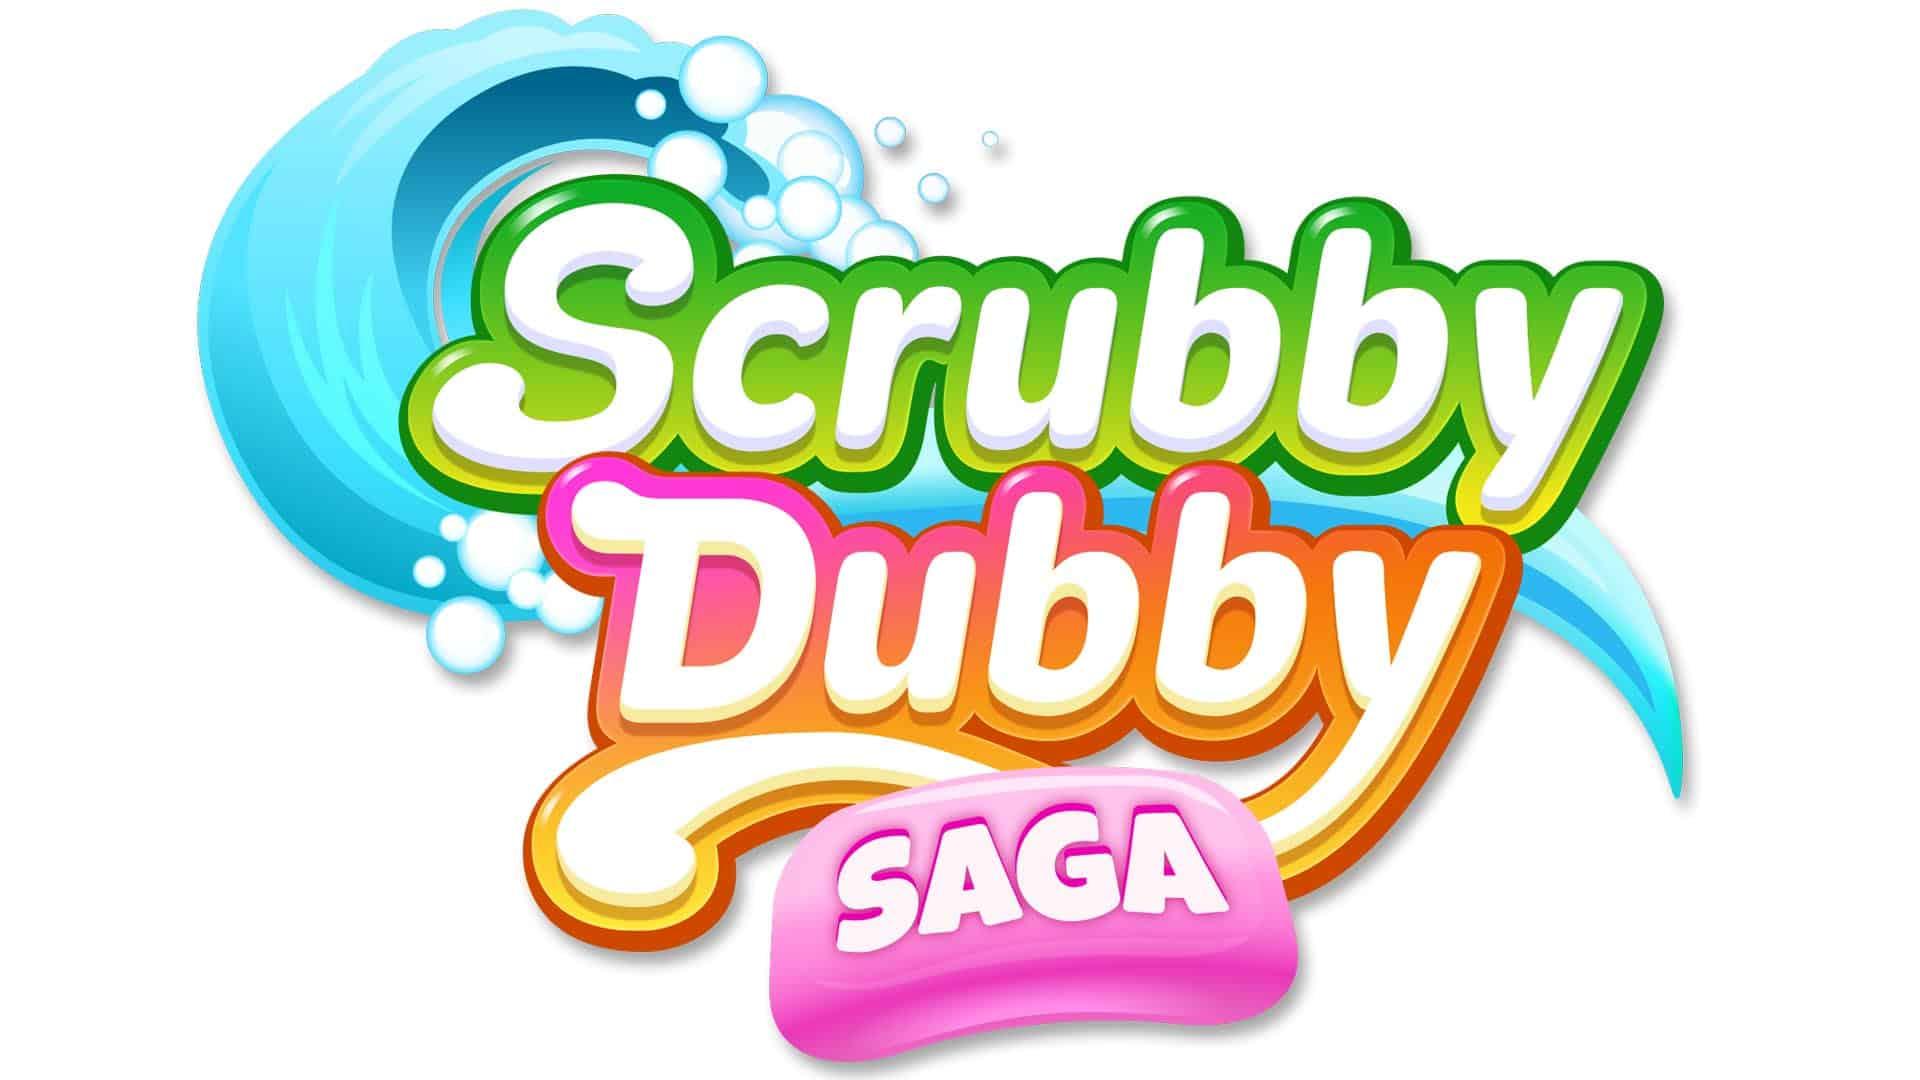 Trucchi Scrubby Dubby Saga per vite infinite